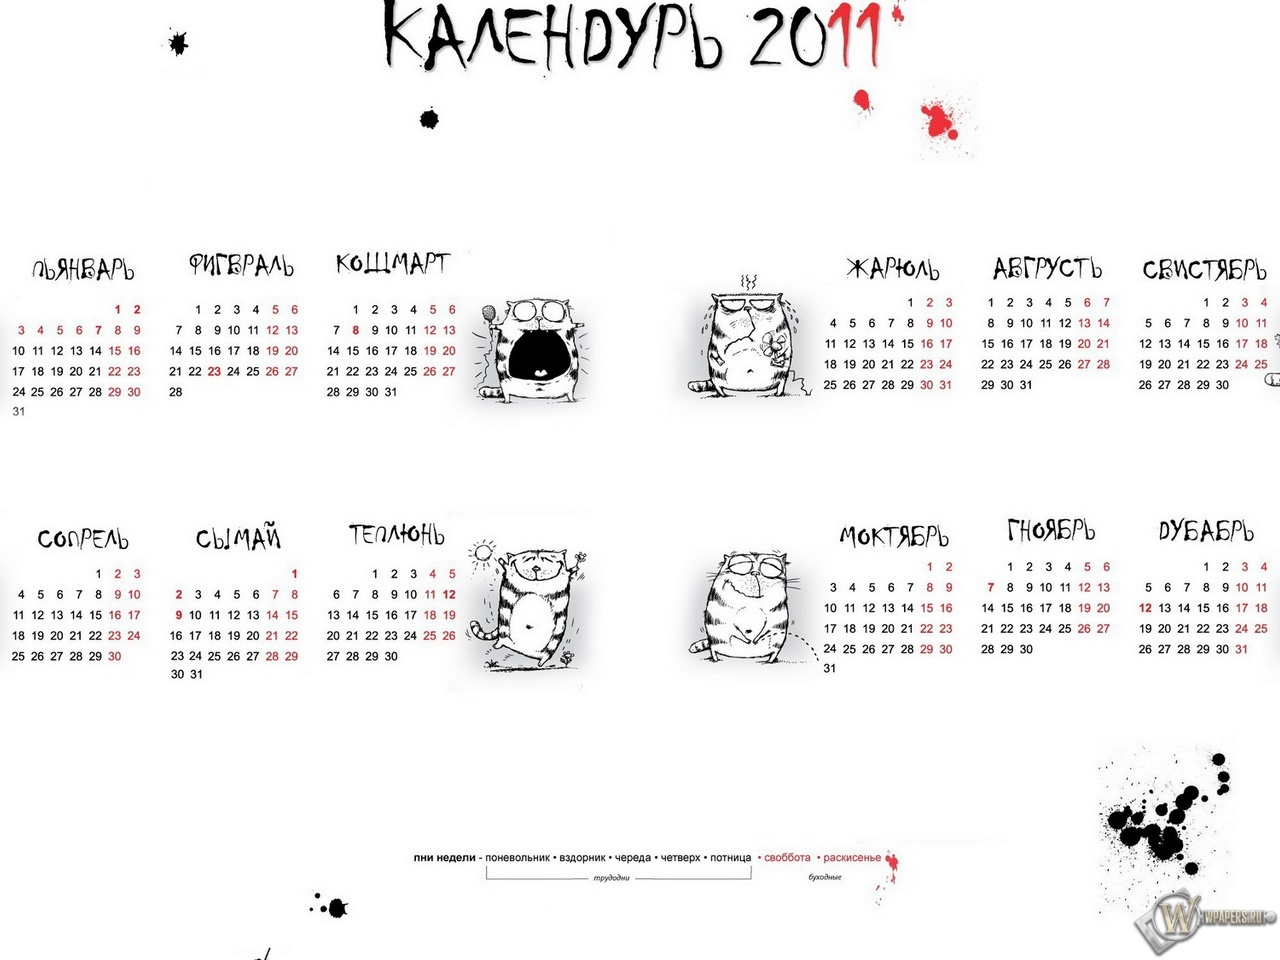 0. BEHAPPYLOVELIFE. мне нравится этот календарь)).